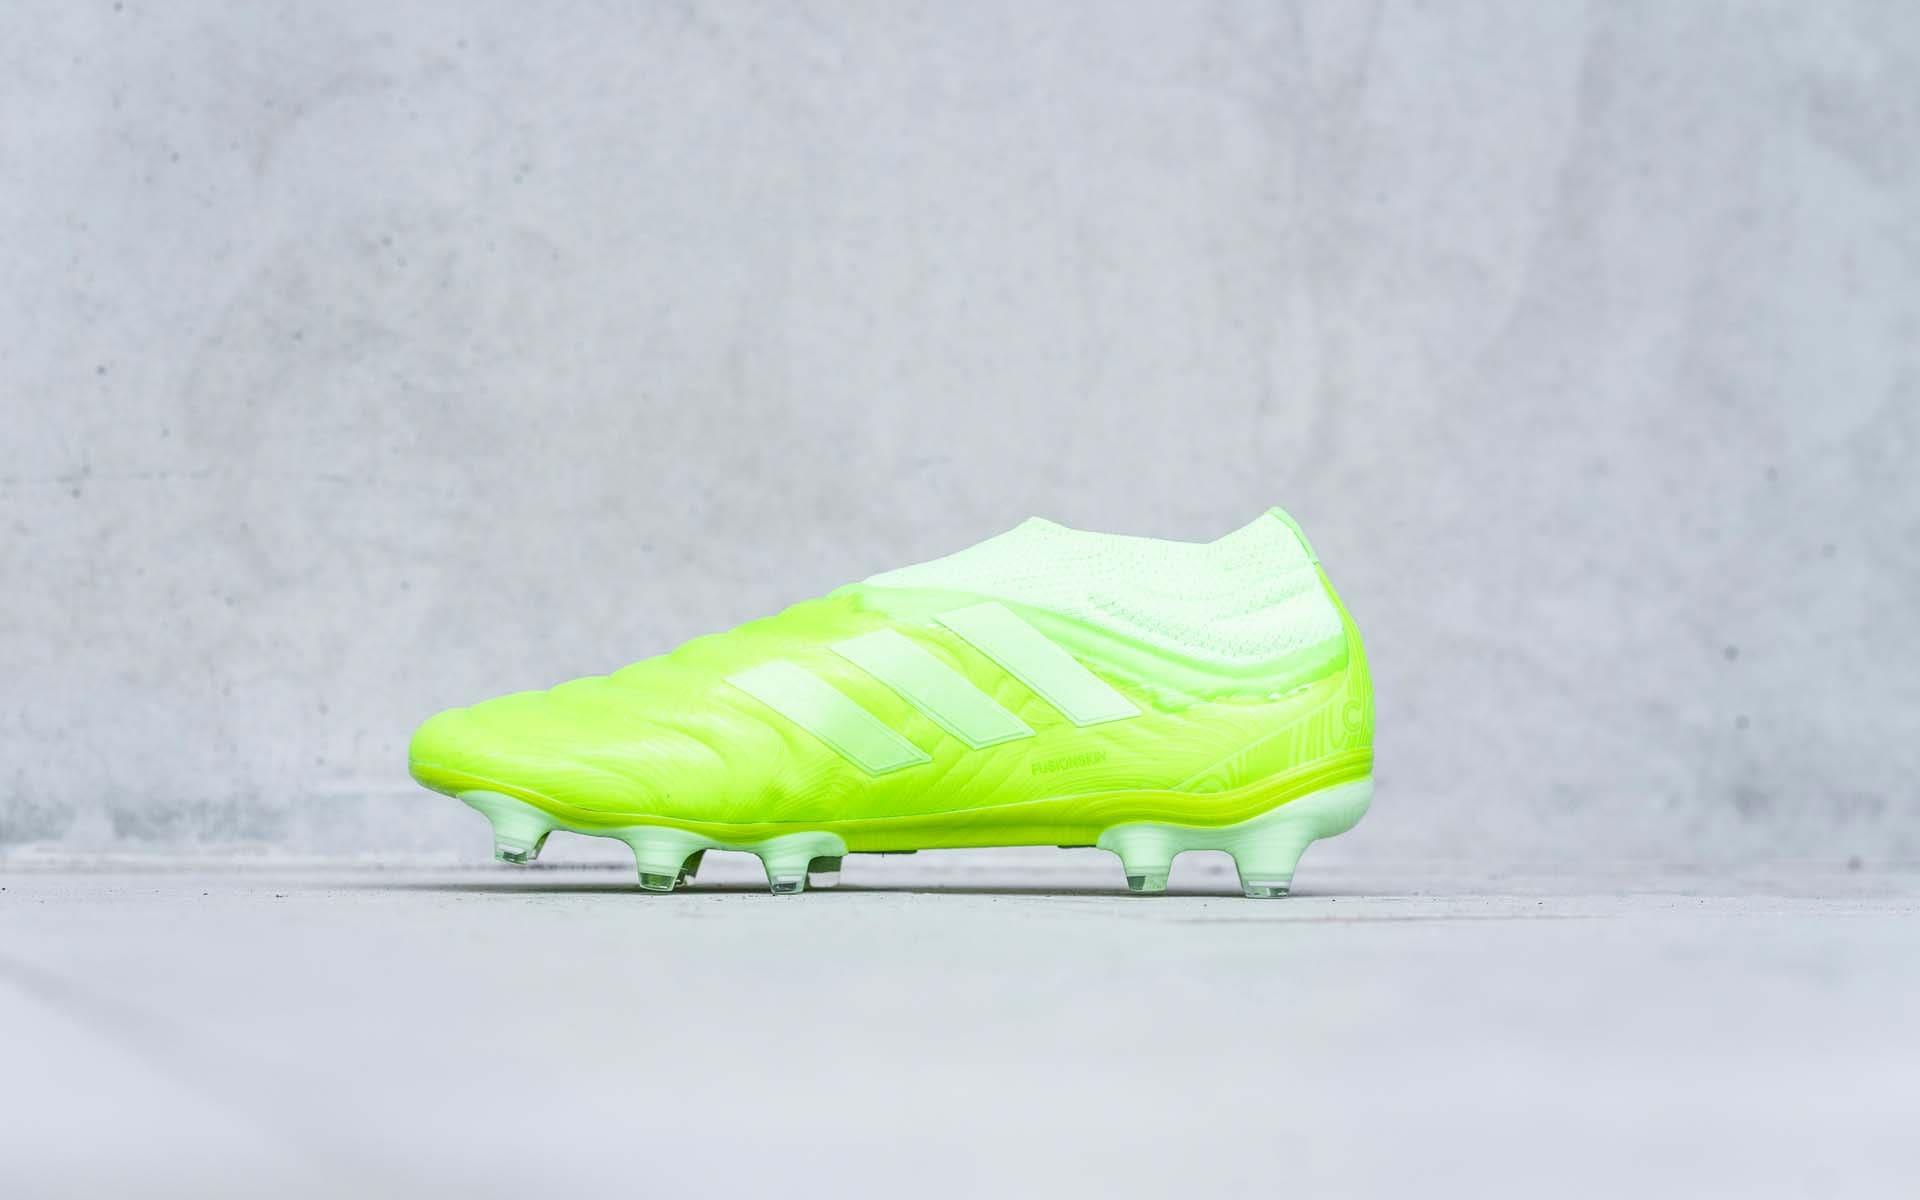 Dòng giày đá bóng da thật Adidas Copa trong BST Locality Pack được phối với gam màu xanh nõn chuối